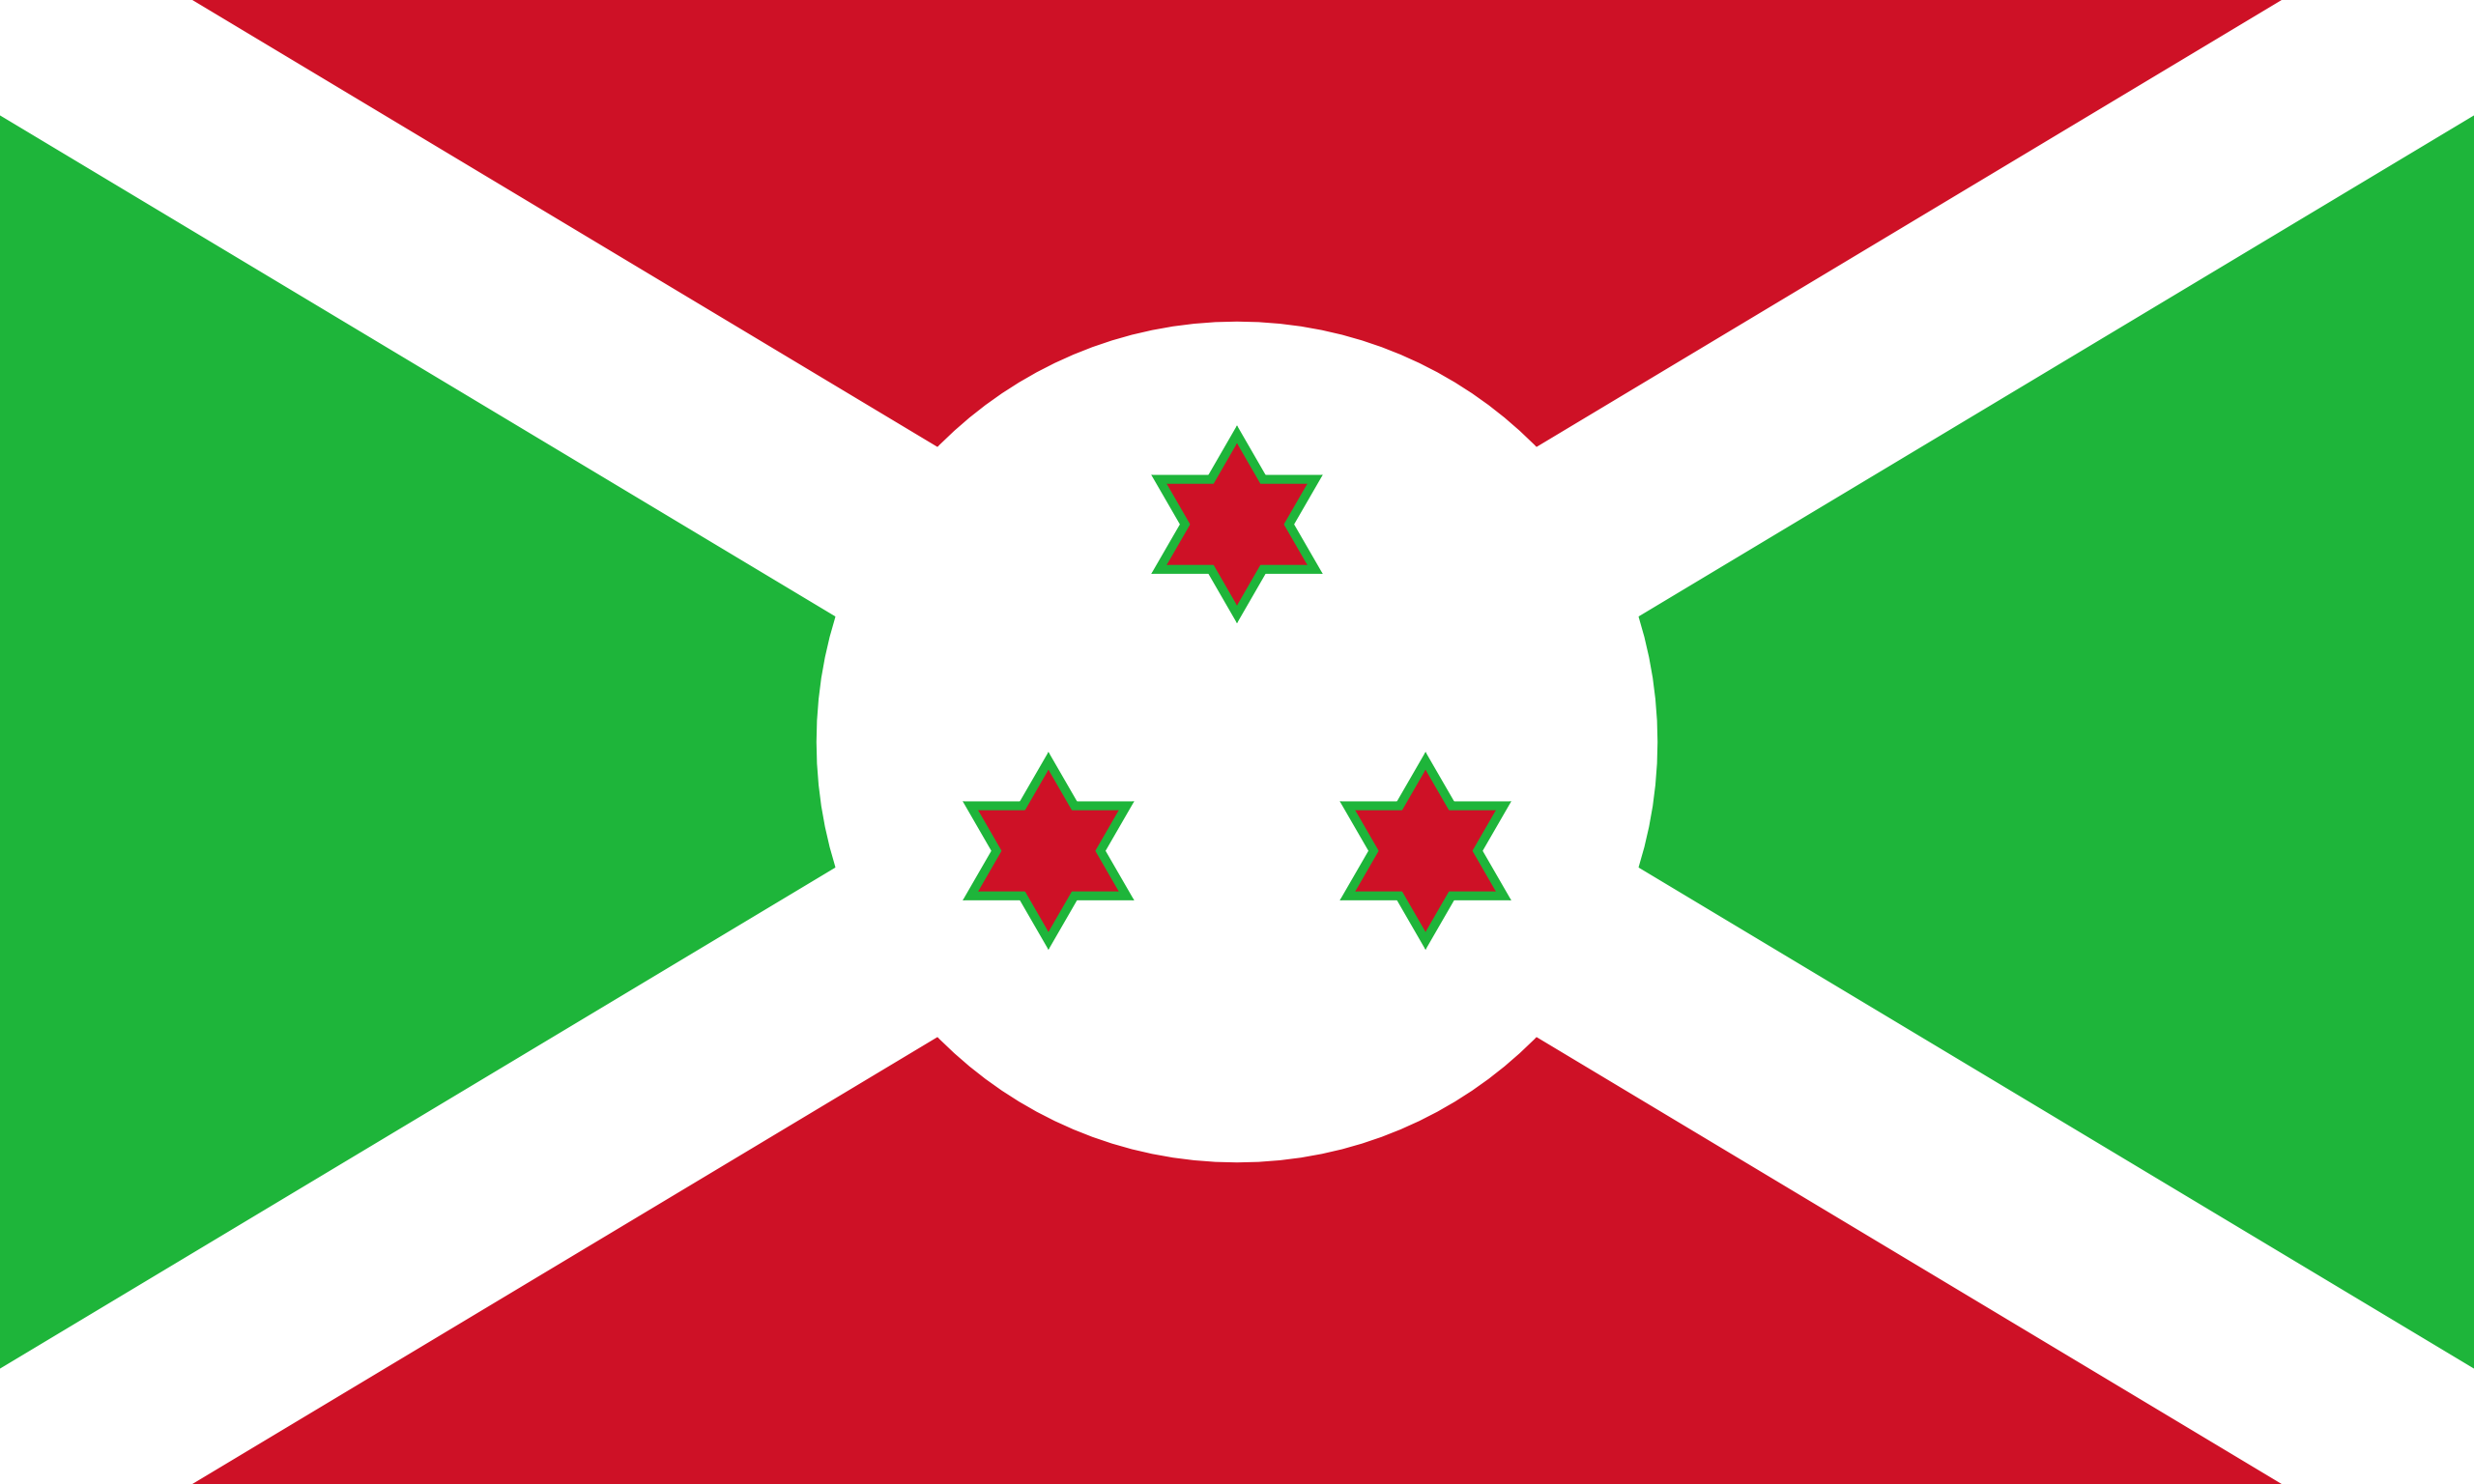 burundi, 国, エンブレム, ロゴ, シンボル - HD の壁紙 - 教授-falken.com